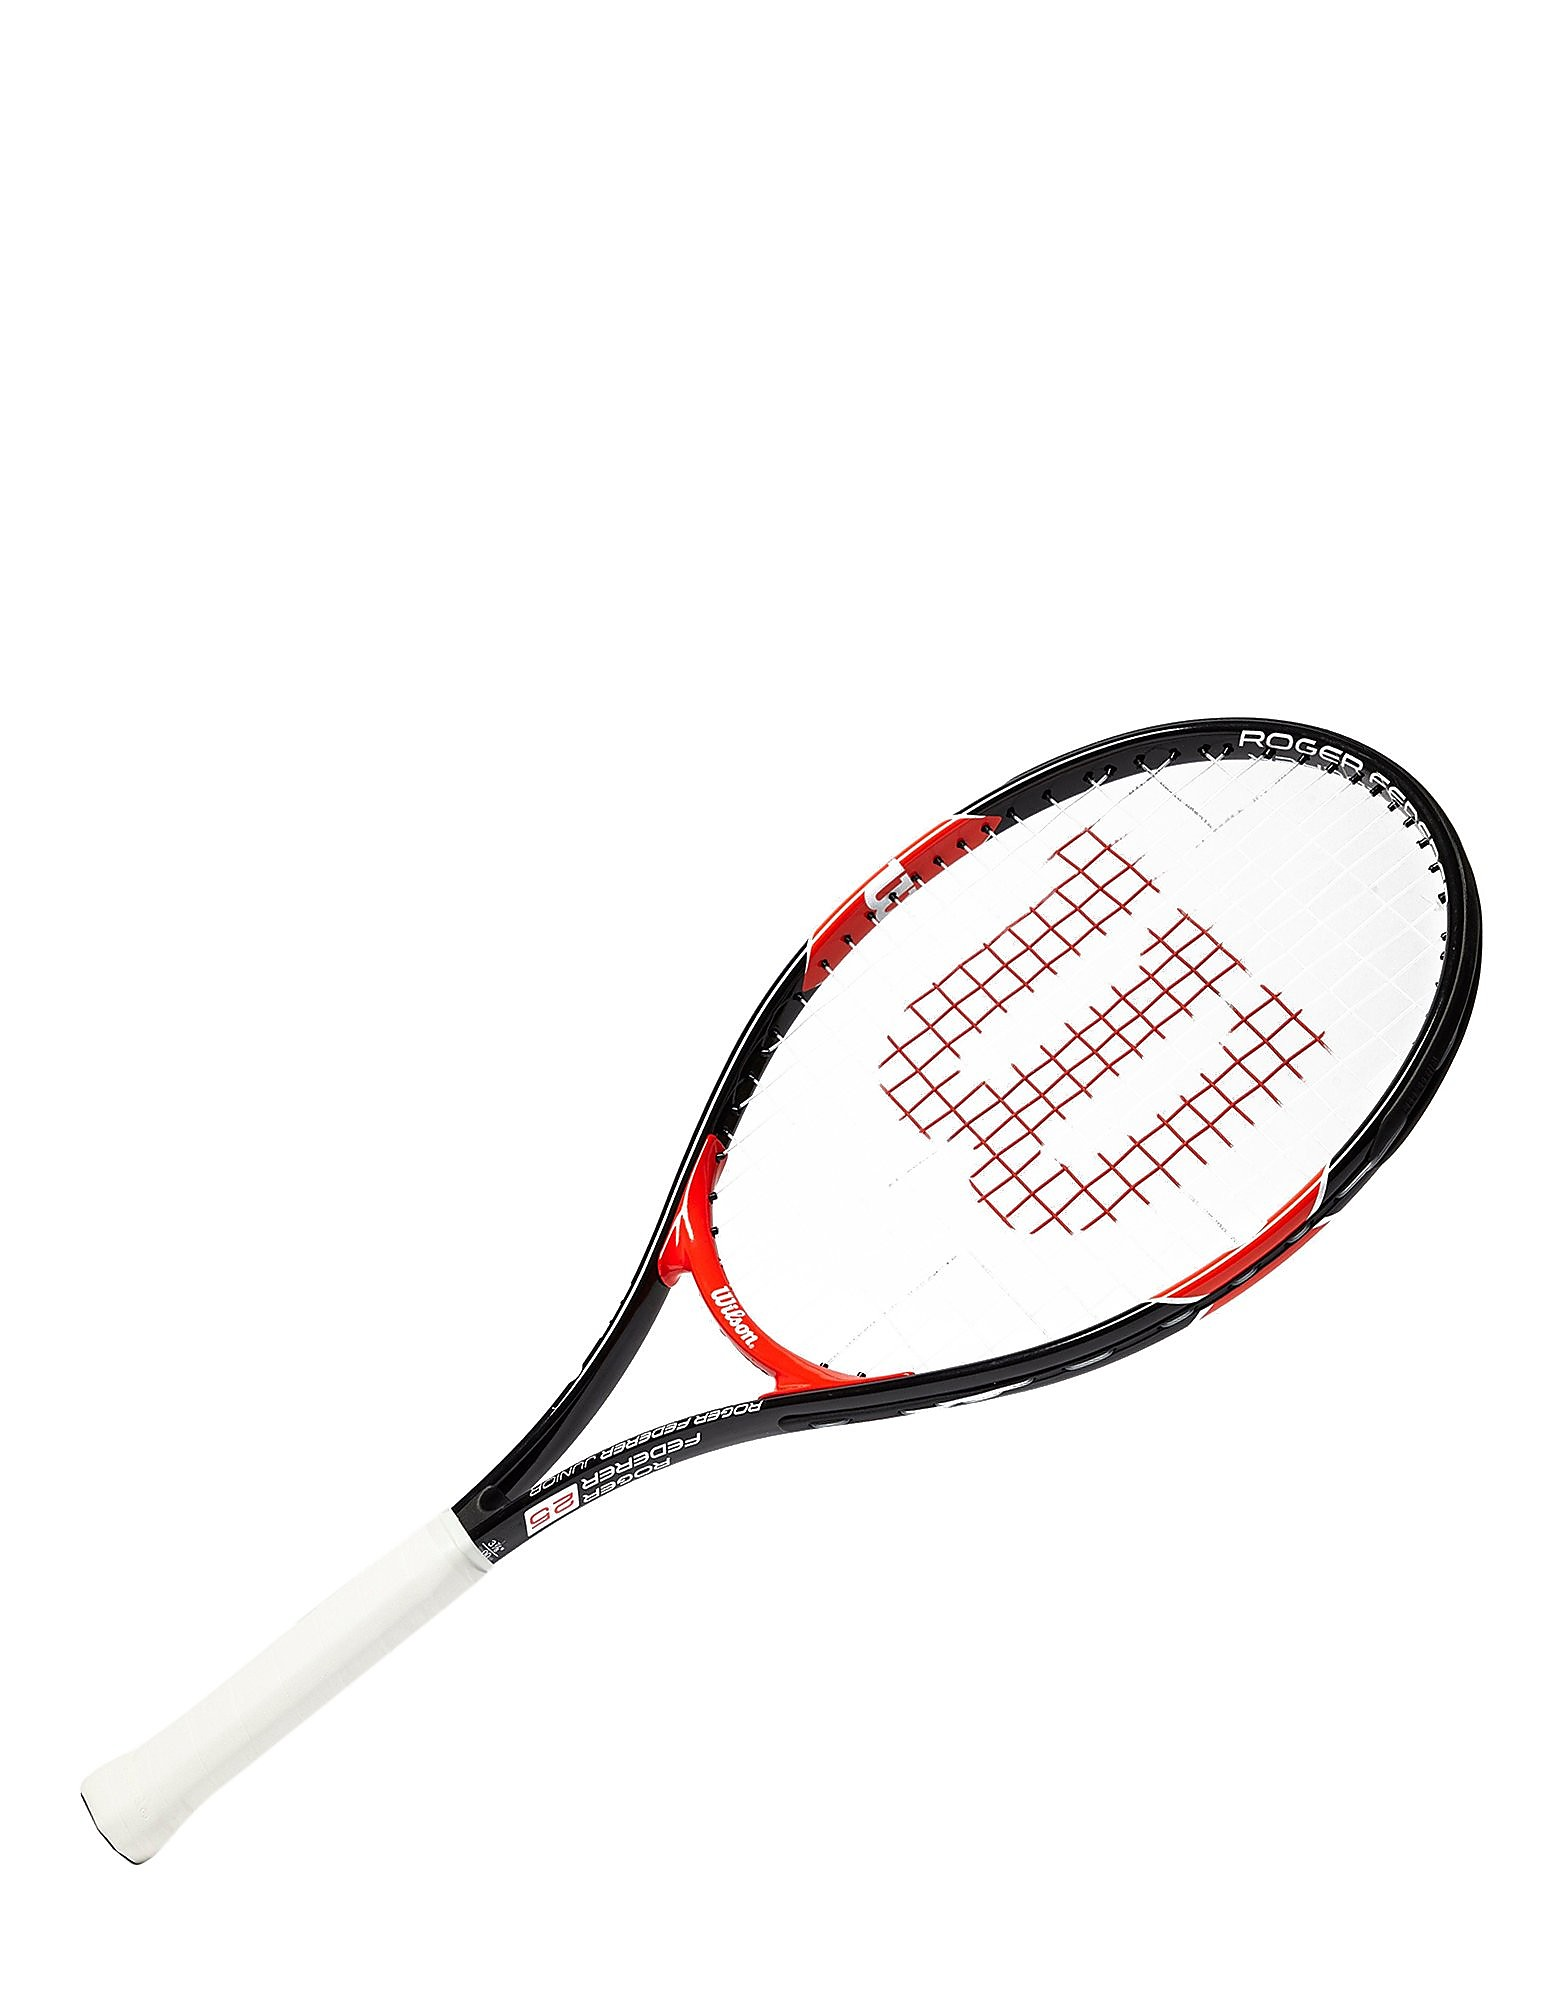 Wilson Roger Federer 25 Junior Tennis Racket